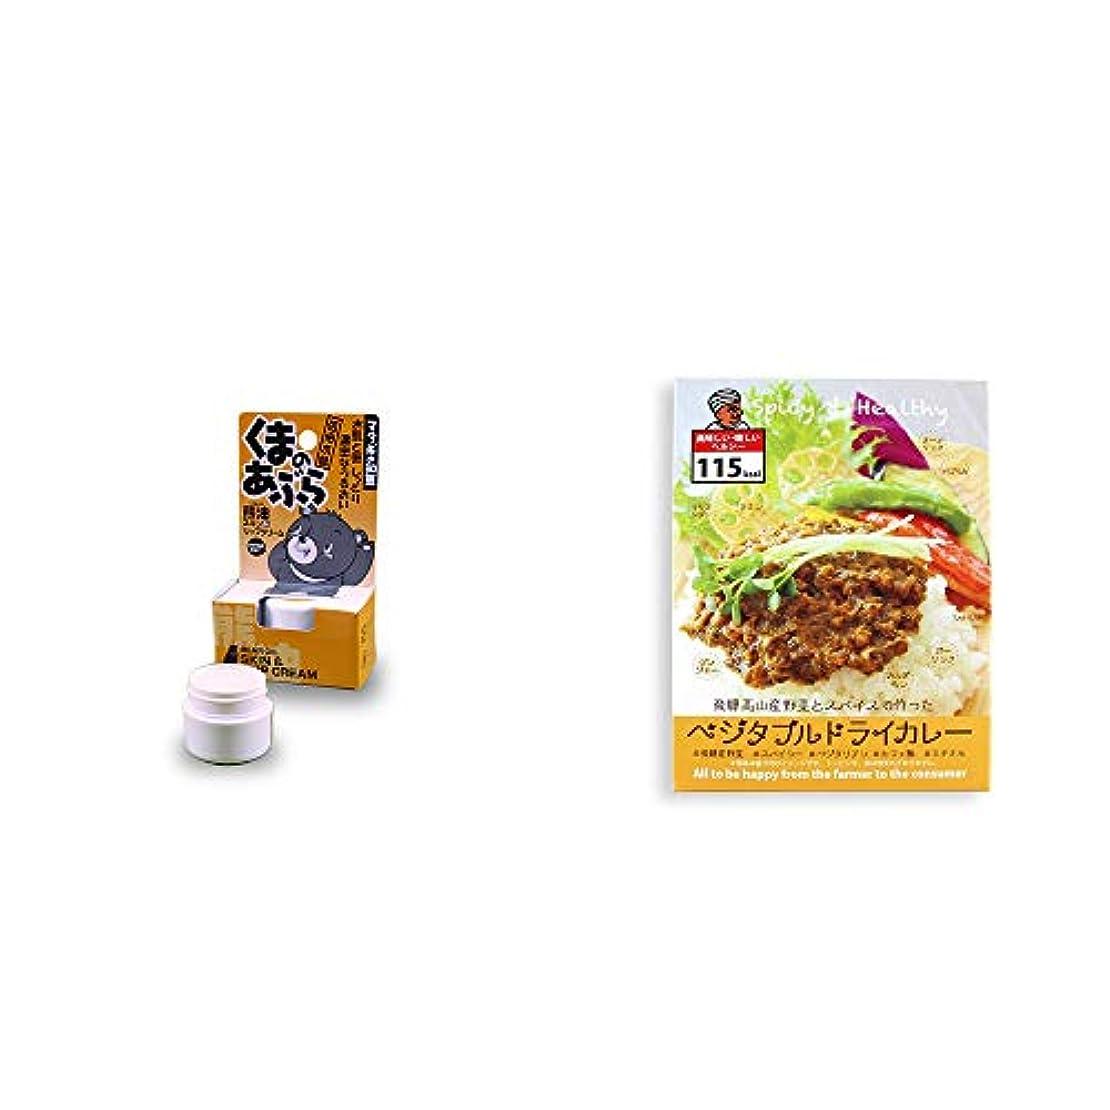 むしろ何十人も威する[2点セット] 信州木曽 くまのあぶら 熊油スキン&リップクリーム(9g)?飛騨産野菜とスパイスで作ったベジタブルドライカレー(100g)